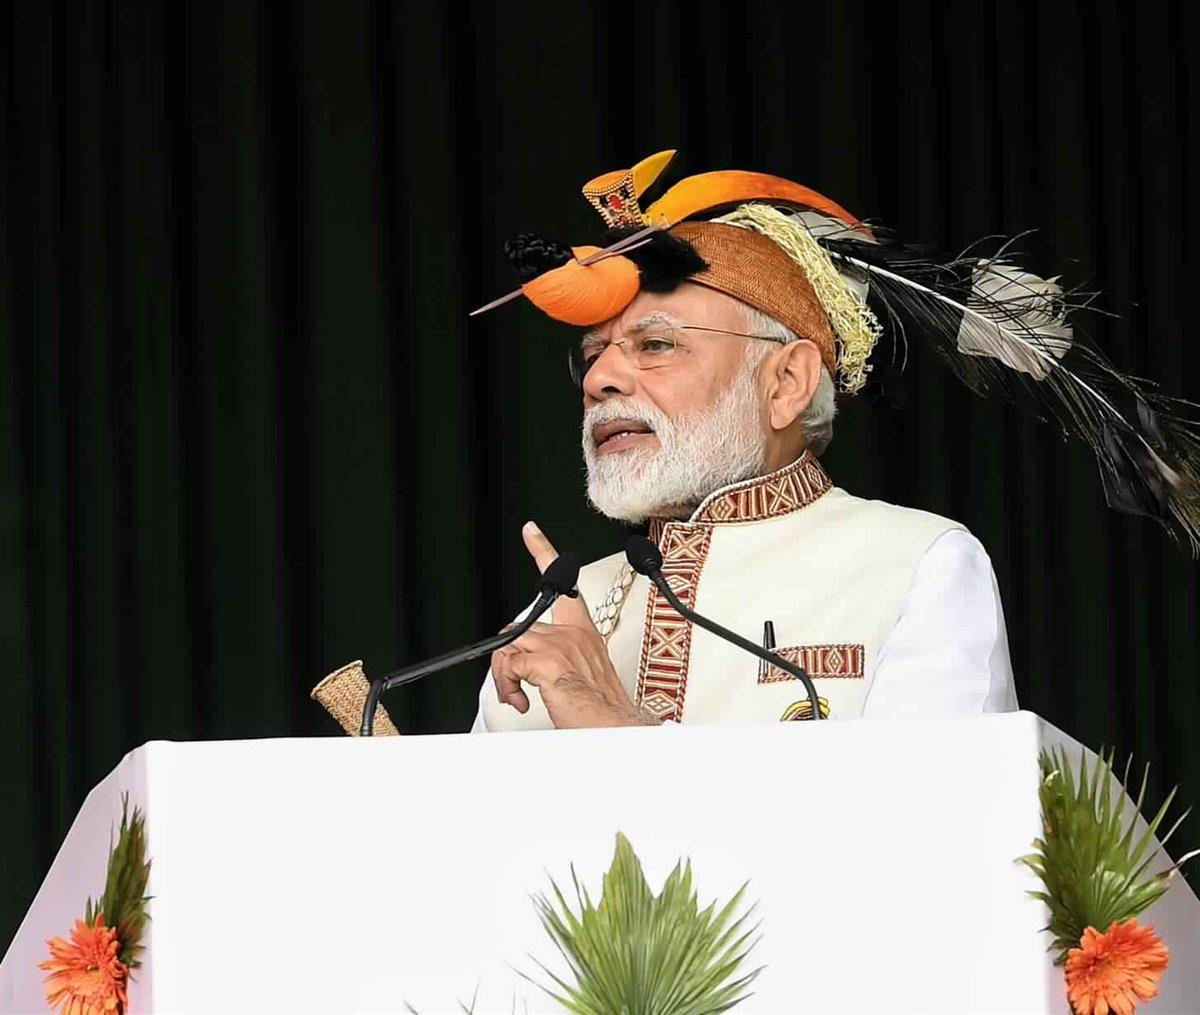 પૂર્વોત્તરનો વિકાસ જ ન્યૂ ઈન્ડિયાના સપનાને કરશે સાકારઃ PM મોદી